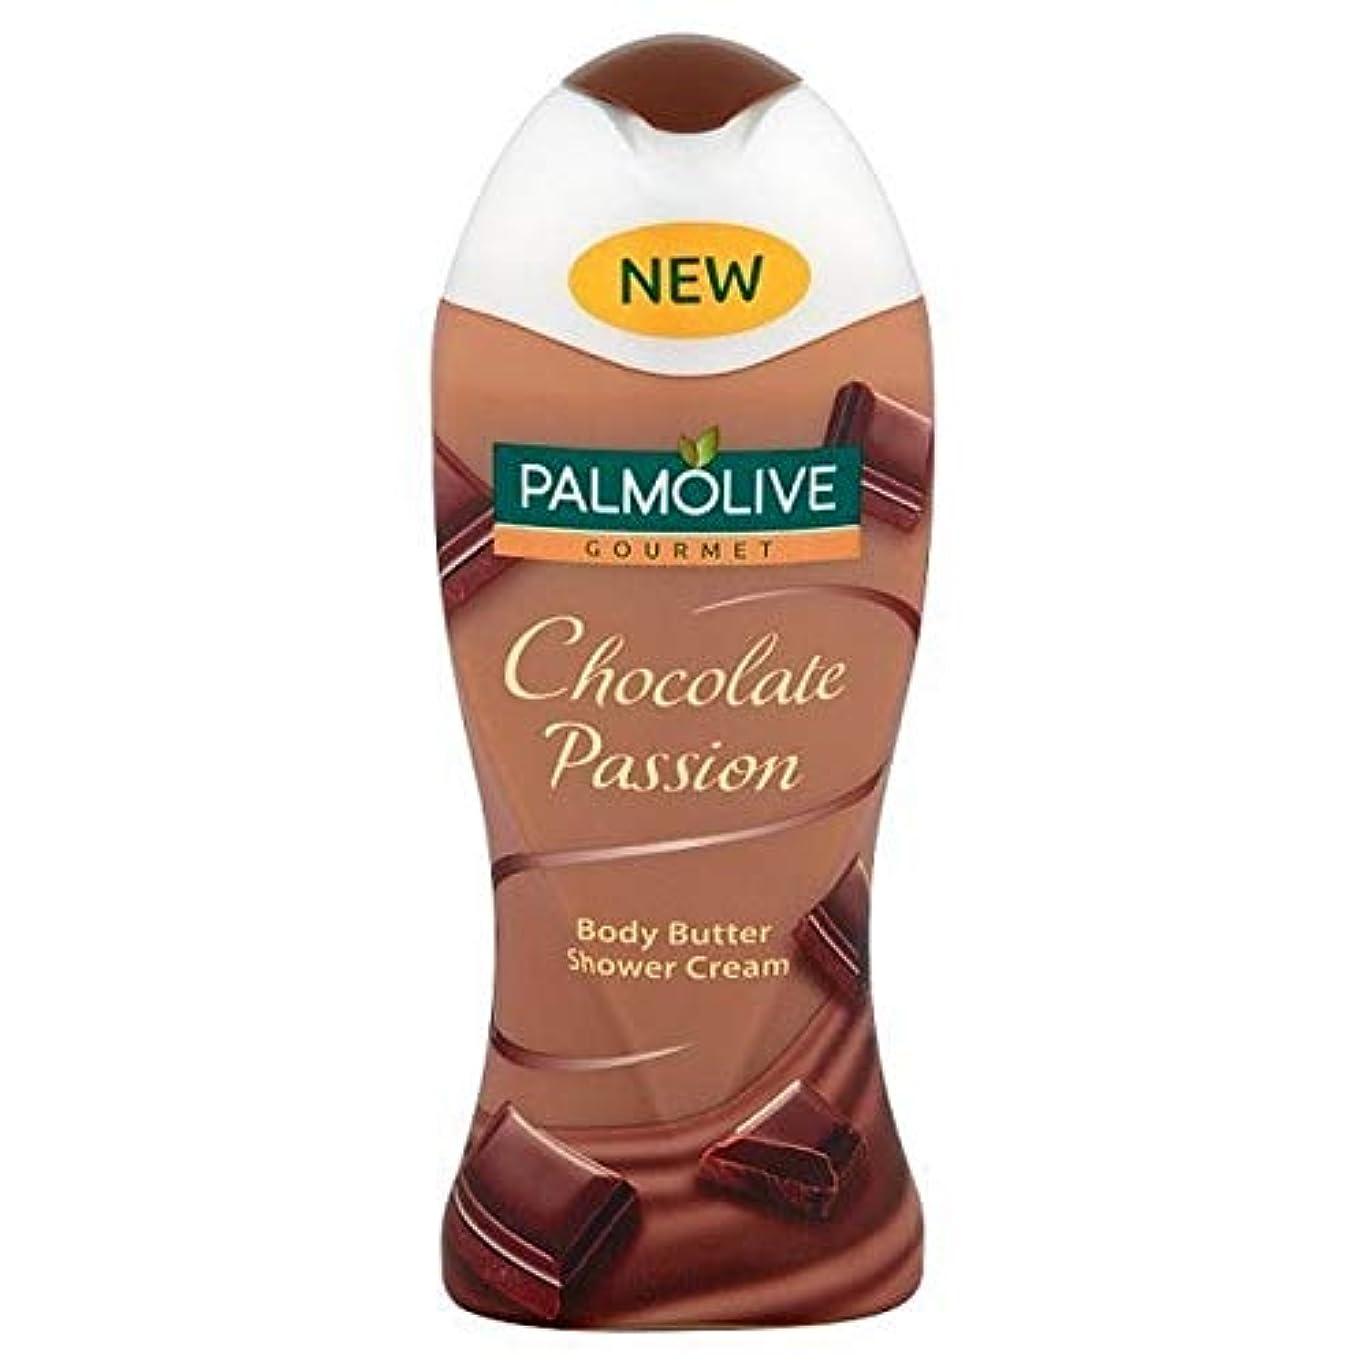 連鎖カナダ報復する[Palmolive ] パルモグルメチョコレートパッションシャワージェル250ミリリットル - Palmolive Gourmet Chocolate Passion Shower Gel 250ml [並行輸入品]